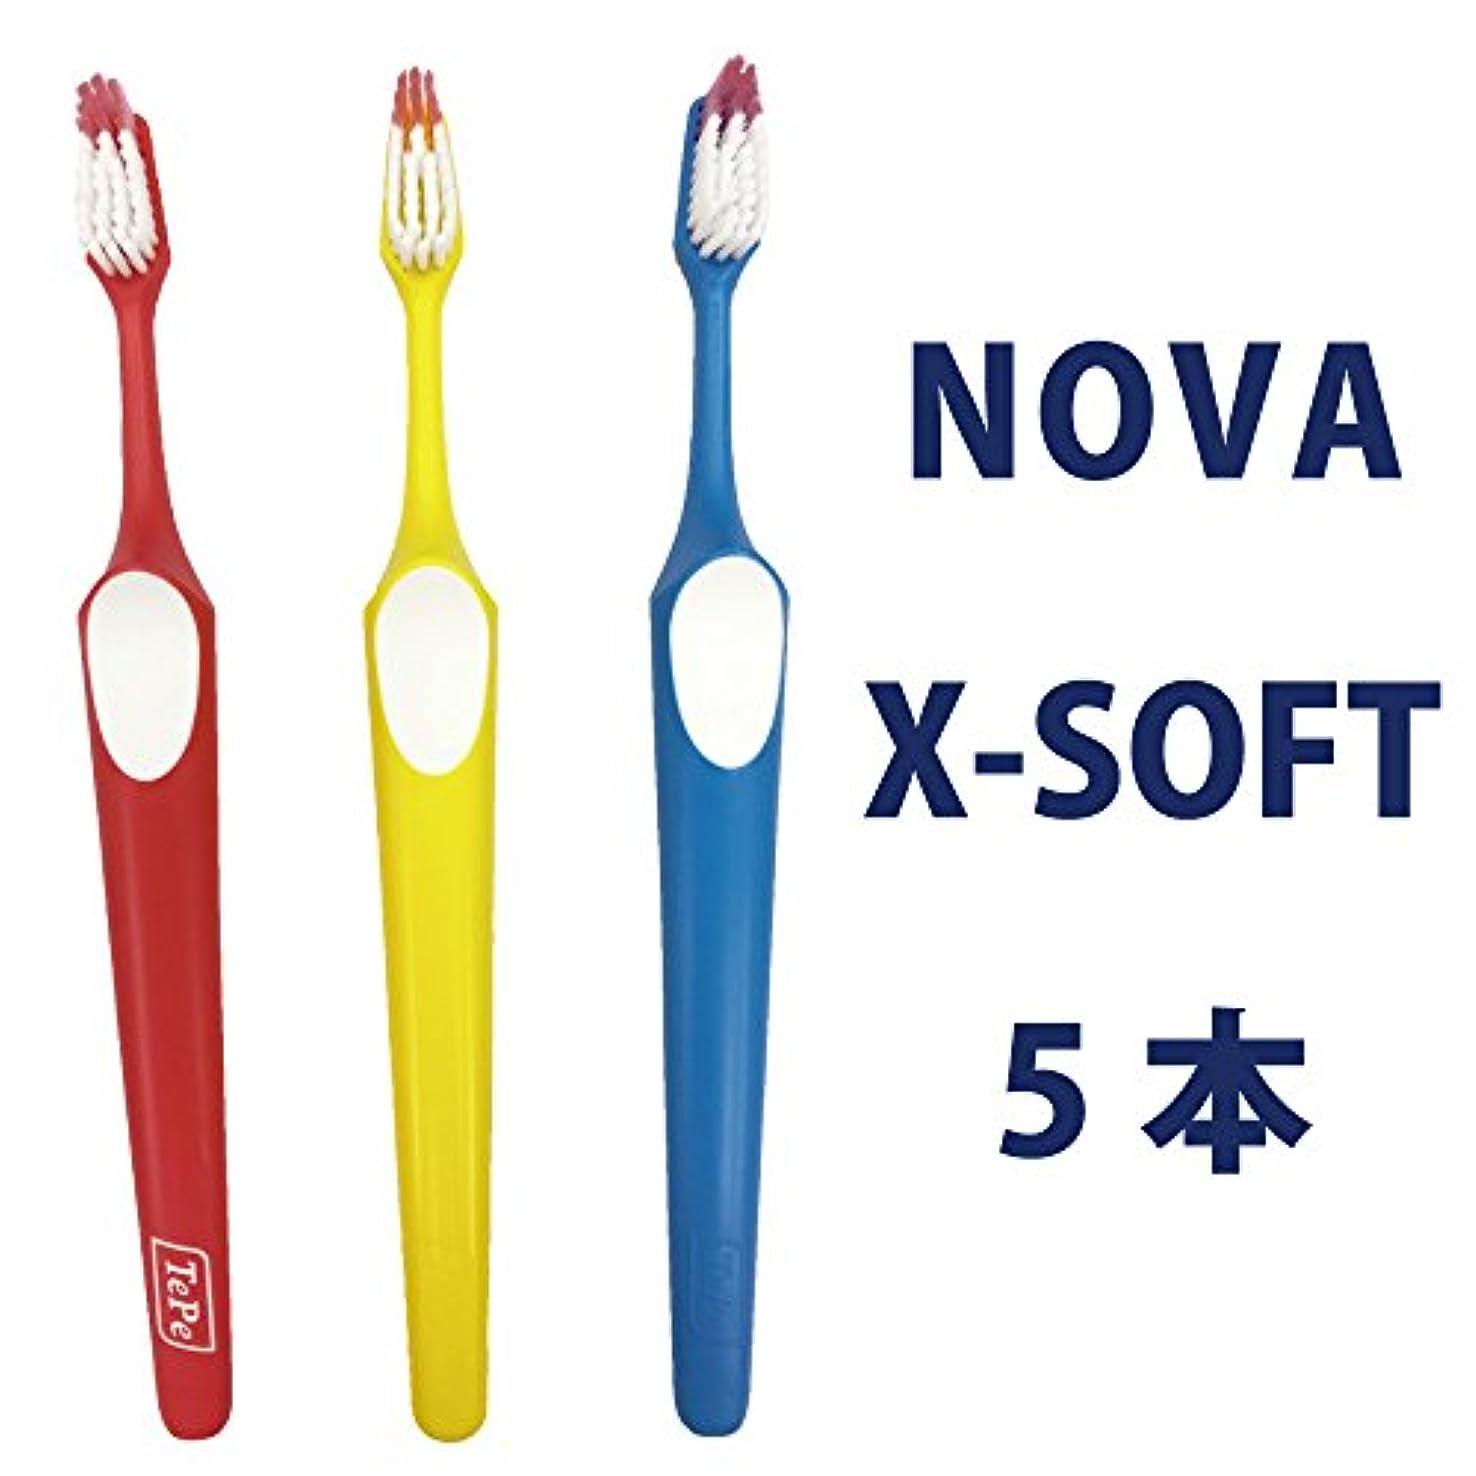 テペ ノバ エキストラソフト(極やわらかめ) 奥歯がみがきやすい 5本 NEWカラー